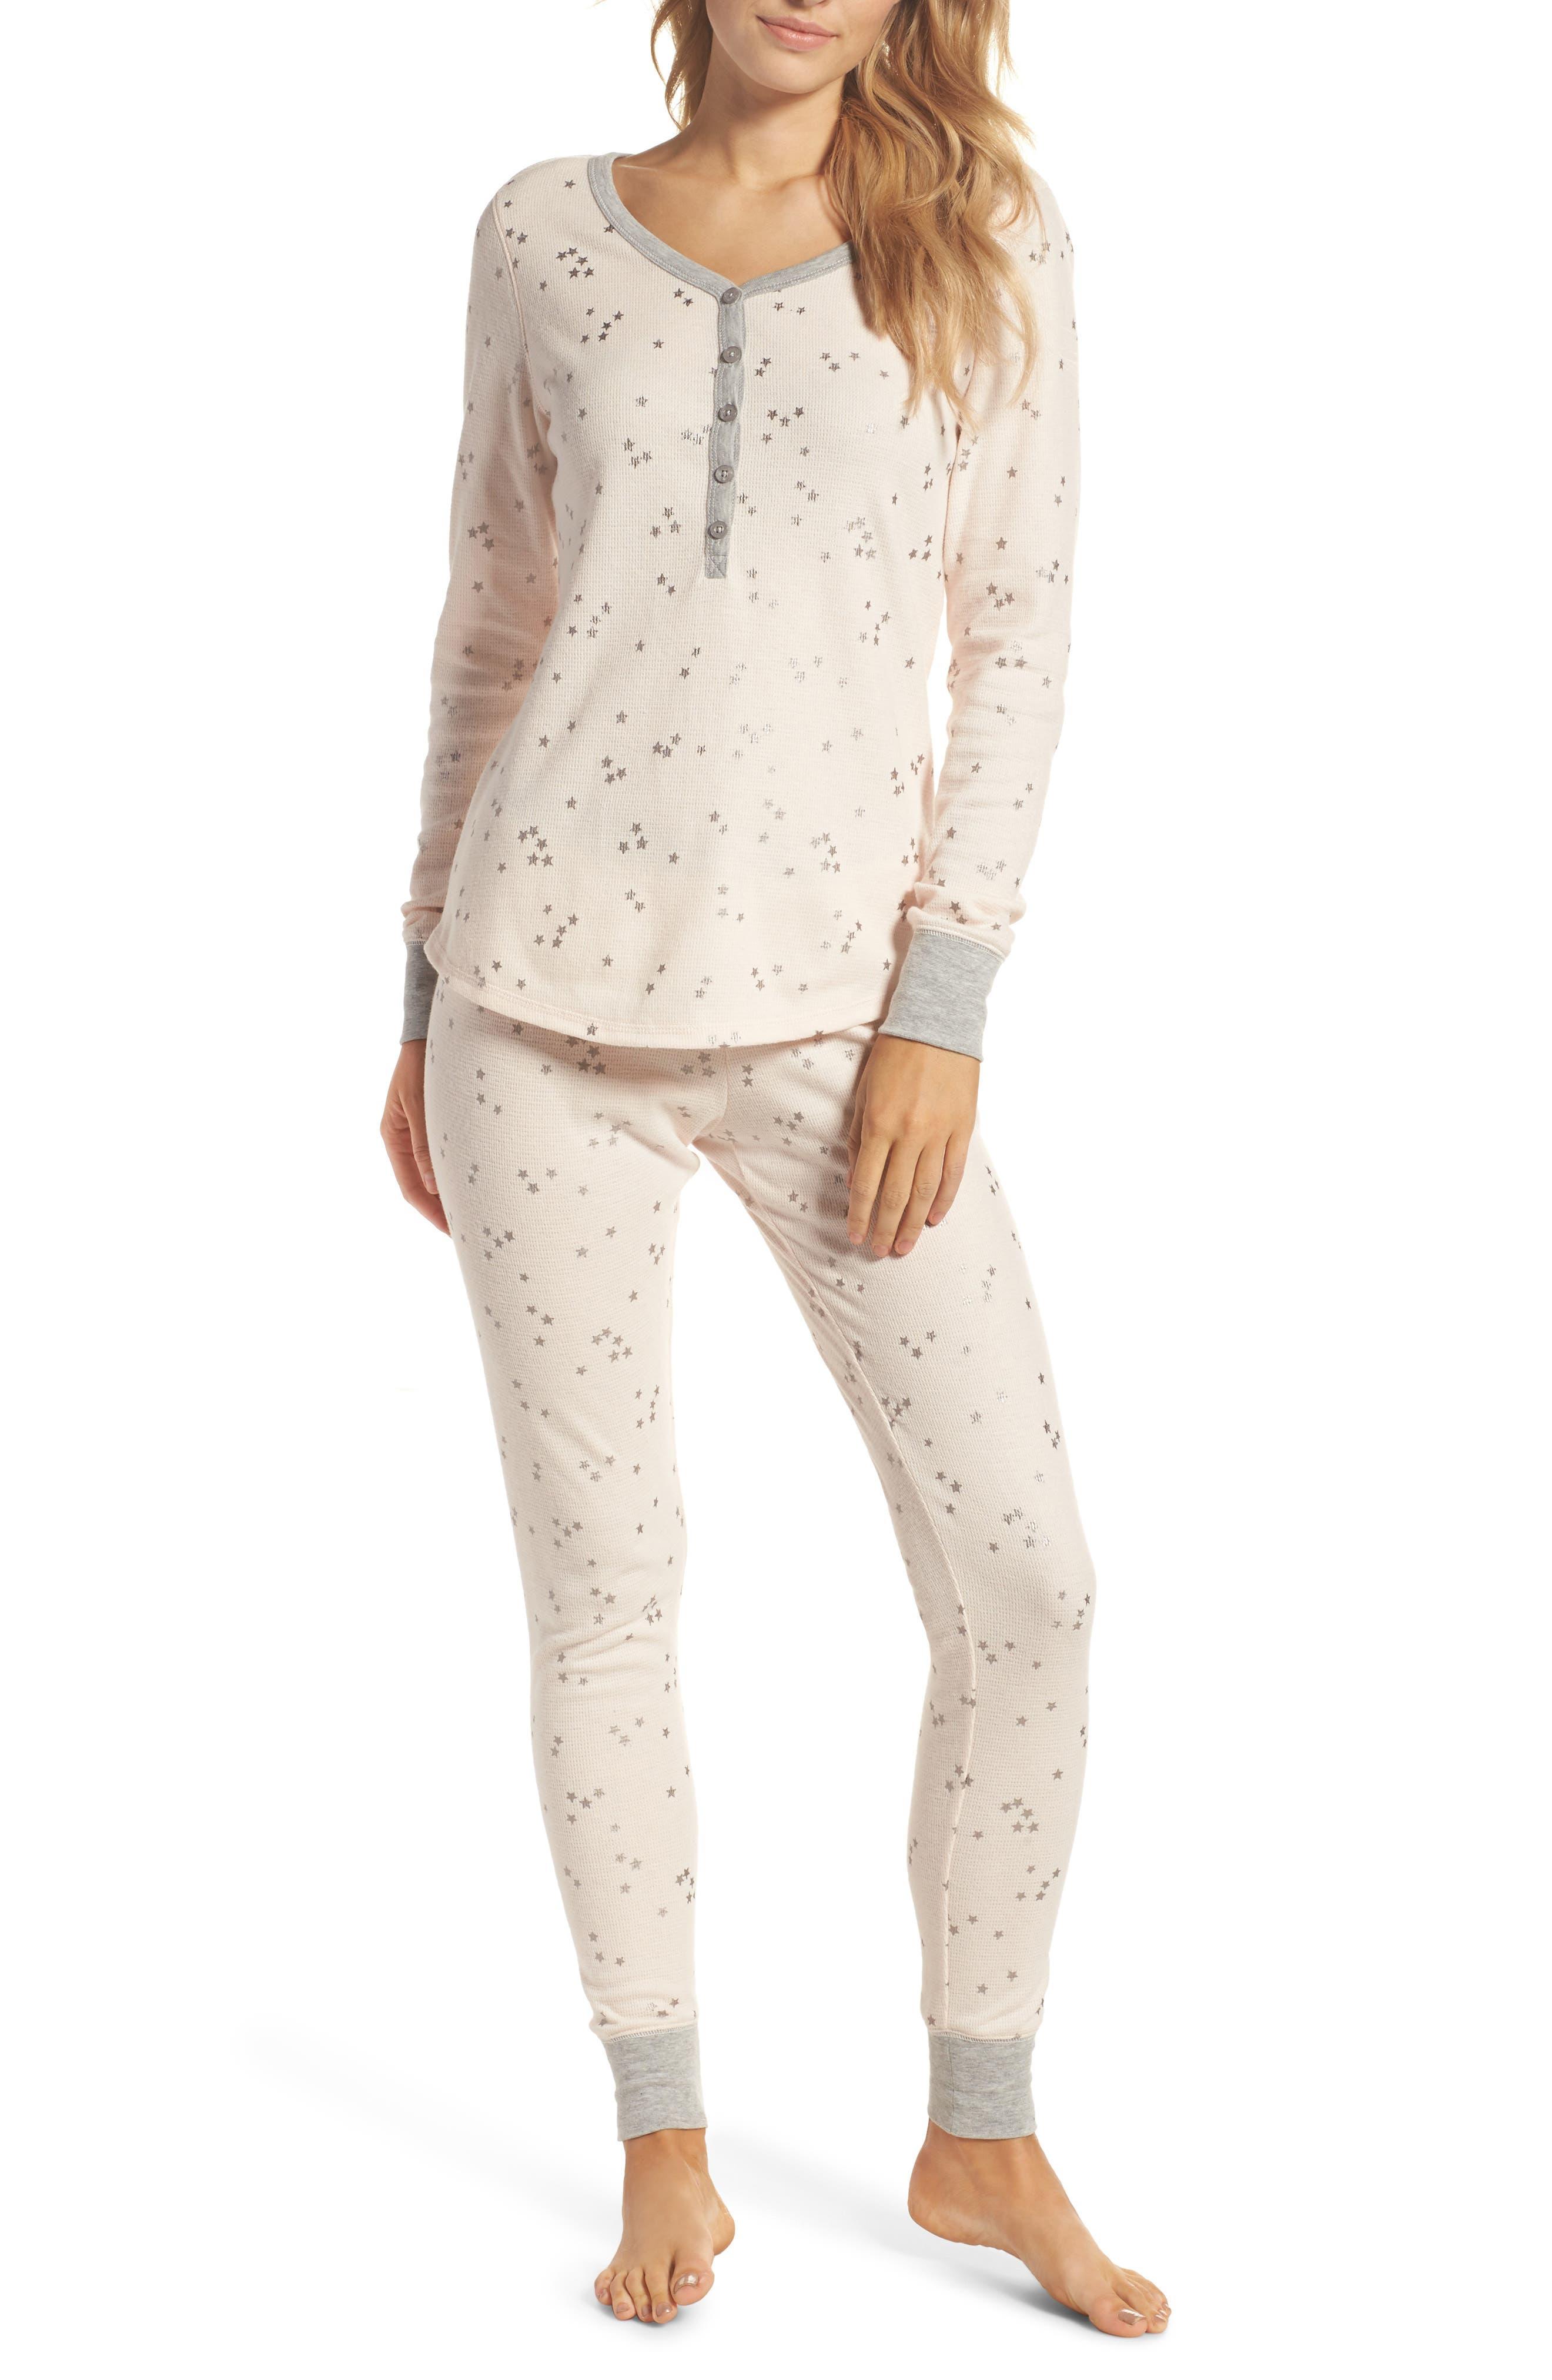 Nordstrom Lingerie Sleepyhead Thermal Pajamas